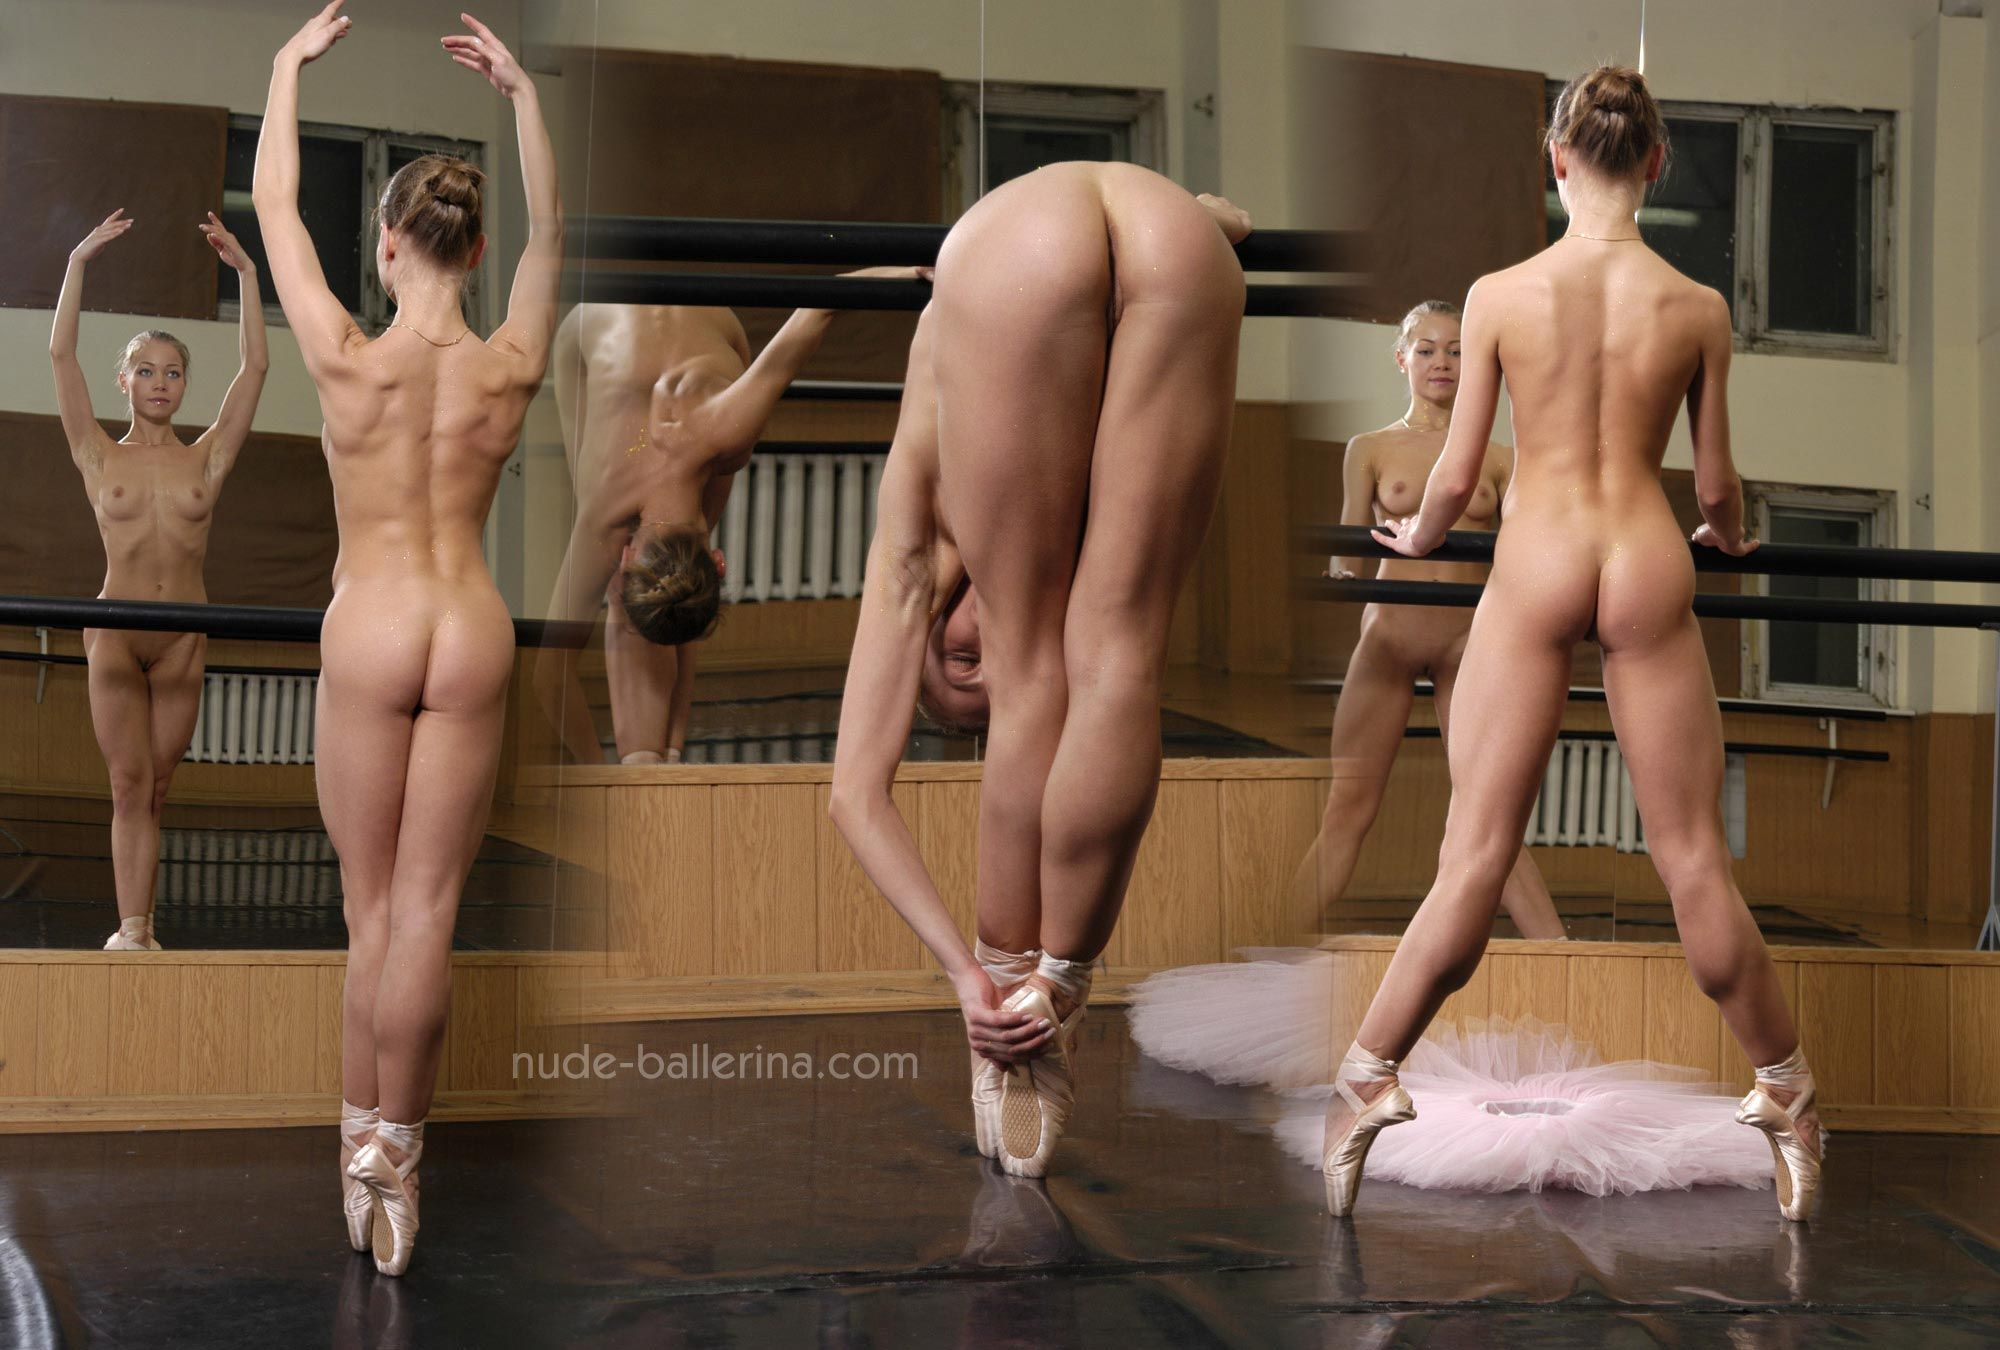 Обнаженные Танцы Онлайн